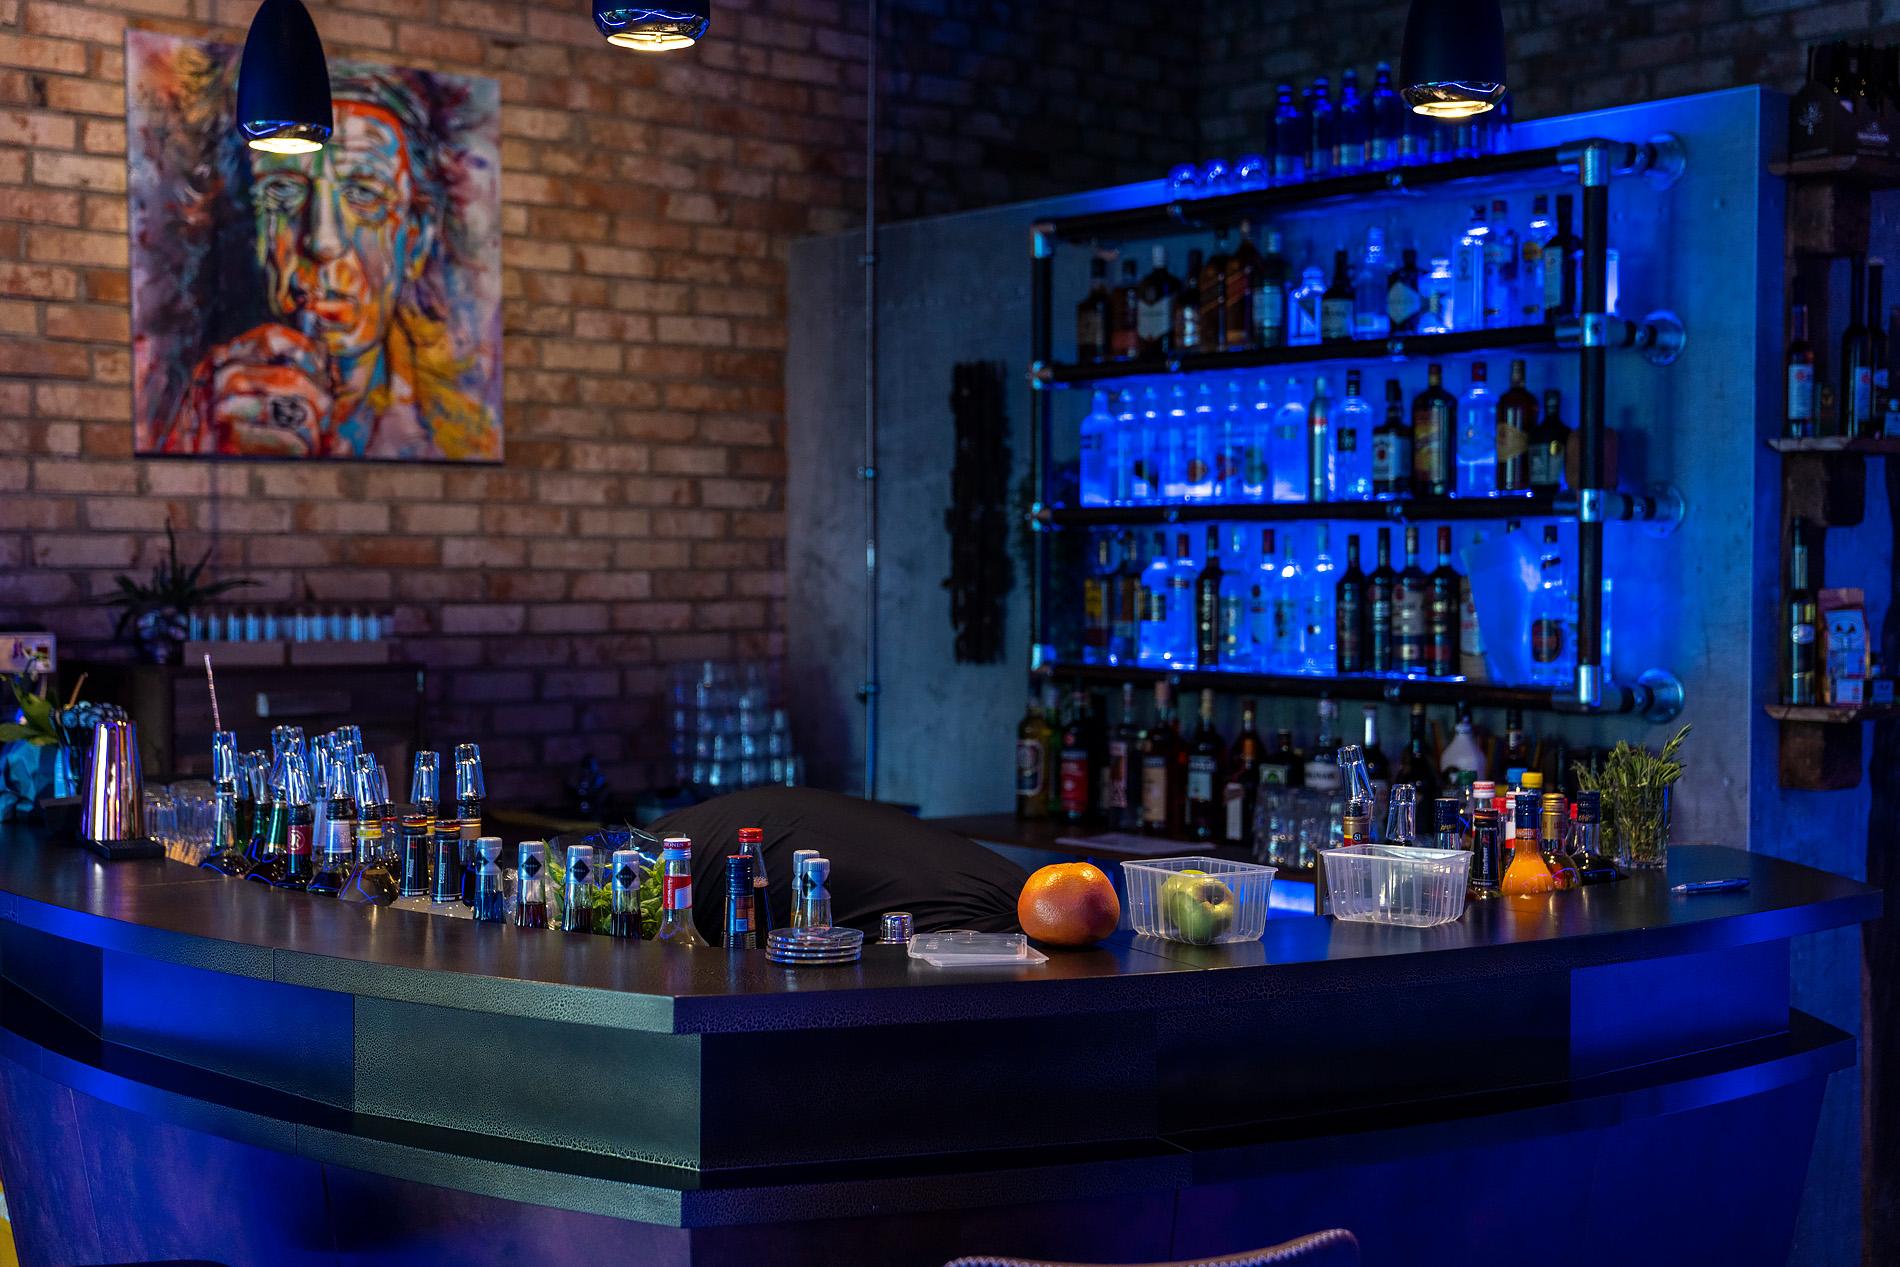 inregia taste it inregiacenter bar coctailtasting coctailabend eventlocation ©marcelmende 0098